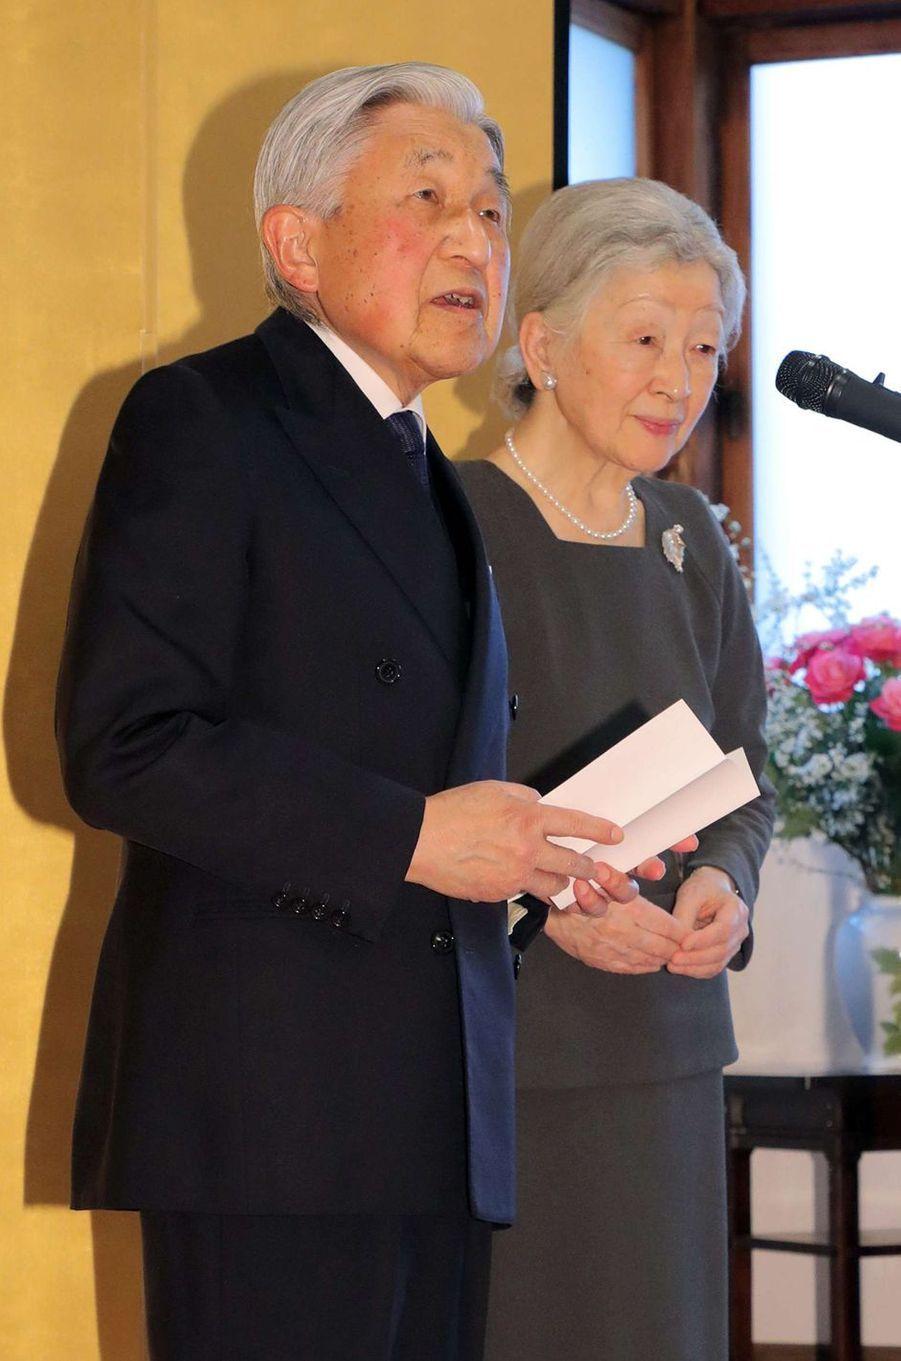 L'empereur Akihito et l'impératrice Michiko du Japon à Kyoto, le 27 mars 2019